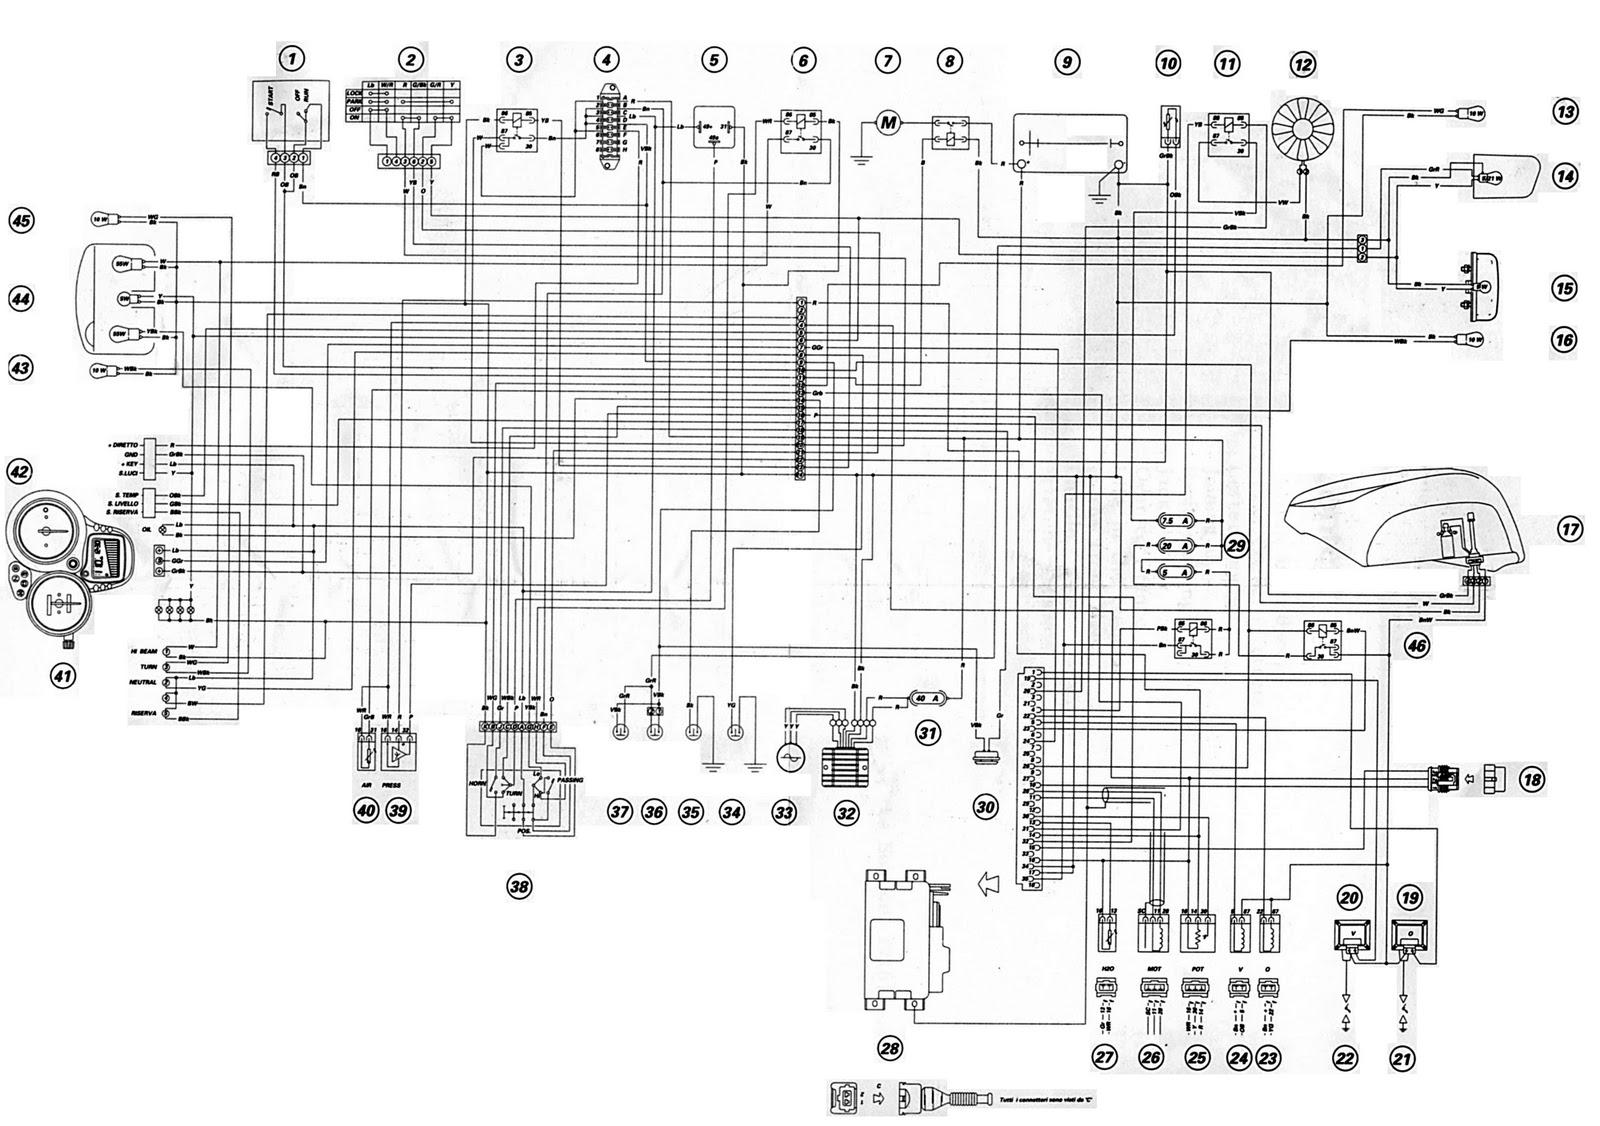 ducati regulator wiring diagram ducati multistrada 1100 wiring diagram wiring diagram schematics  ducati multistrada 1100 wiring diagram